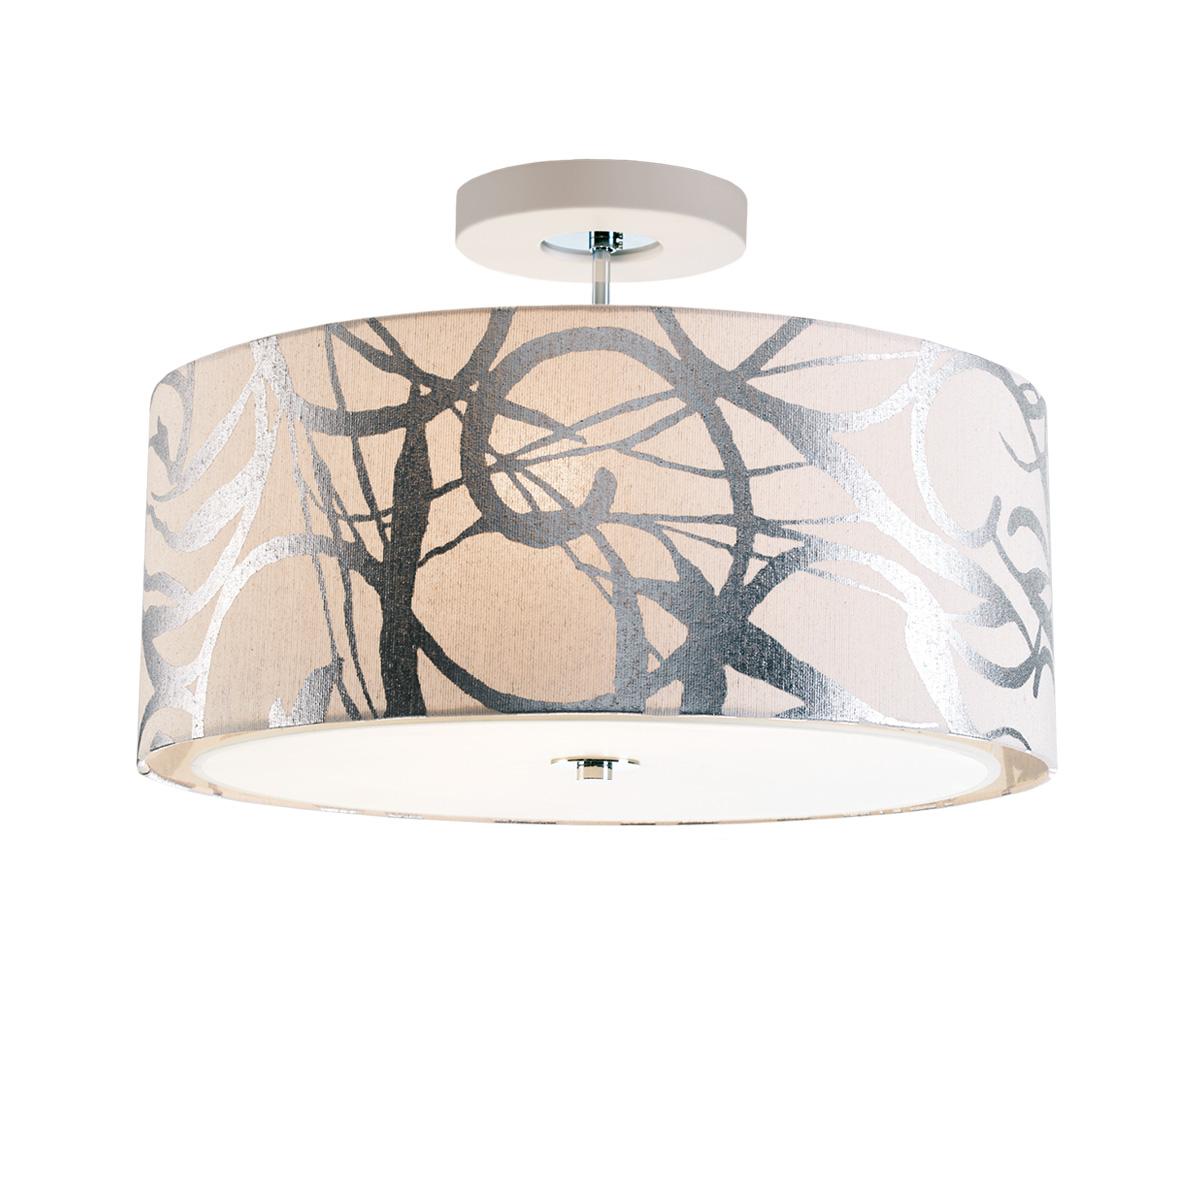 Υφασμάτινο φωτιστικό οροφής DISK II fabric ceiling lamp